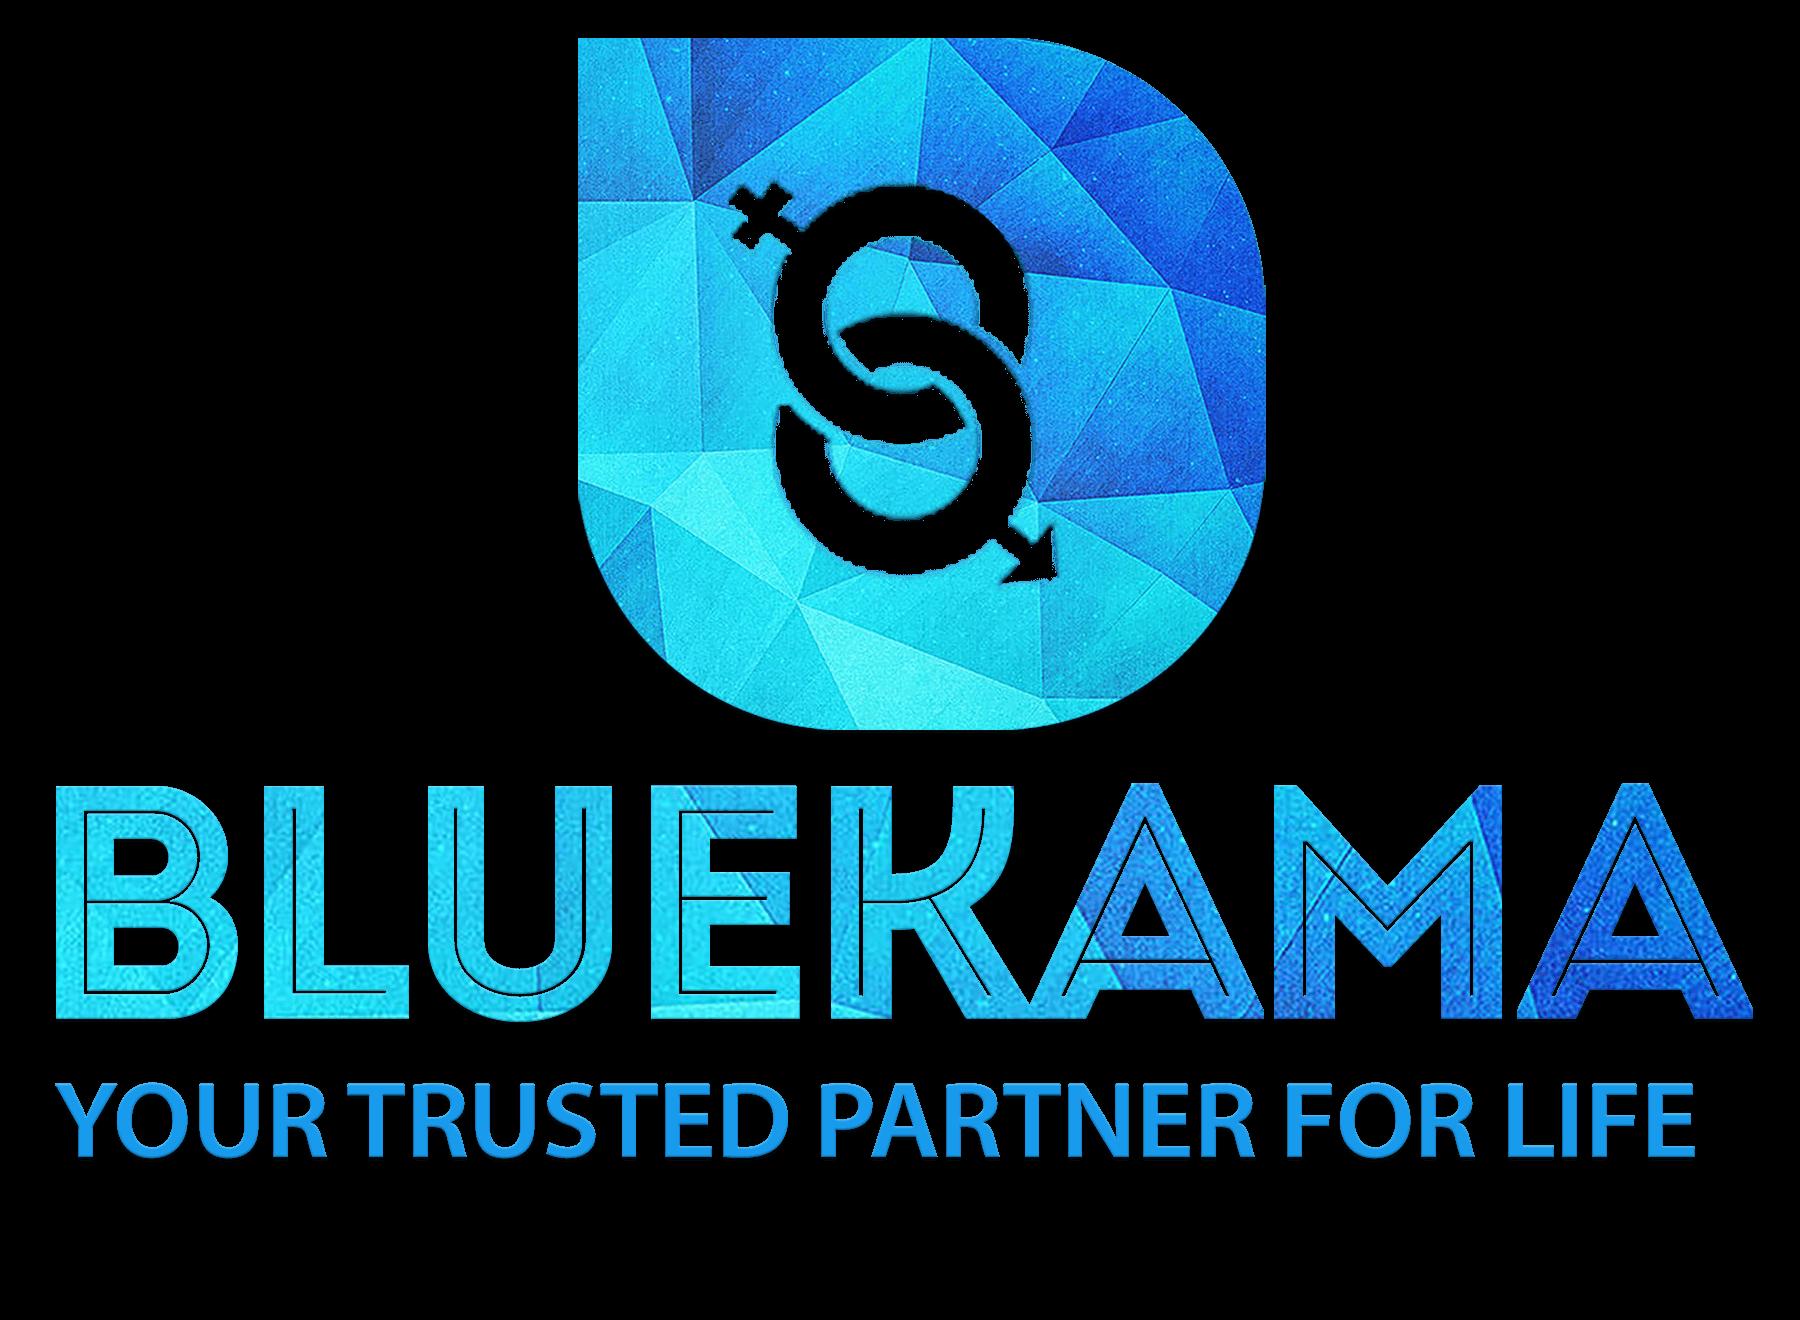 Bluekama